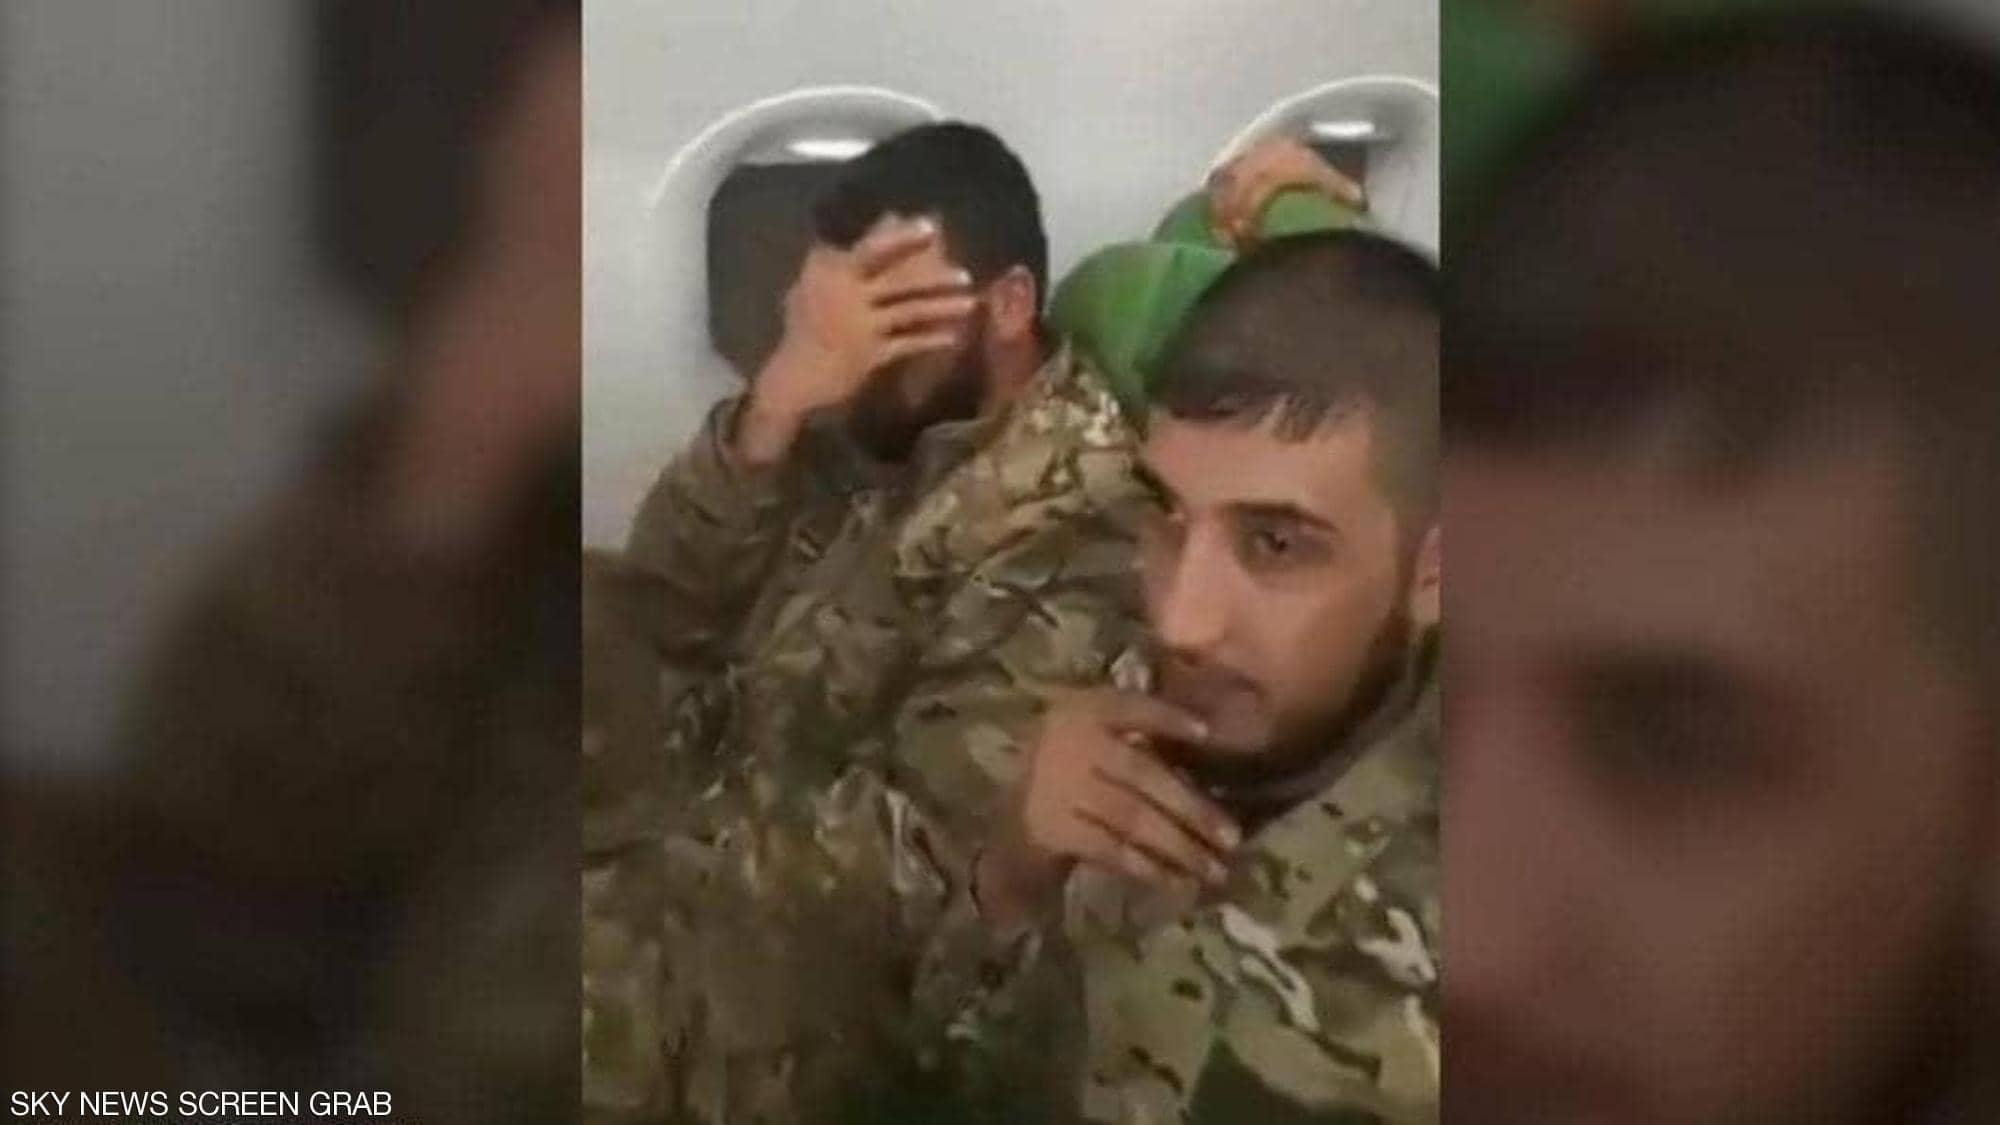 واشنطن تلقي بثقلها.. ضغط دولي لإخراج المرتزقة من ليبيا